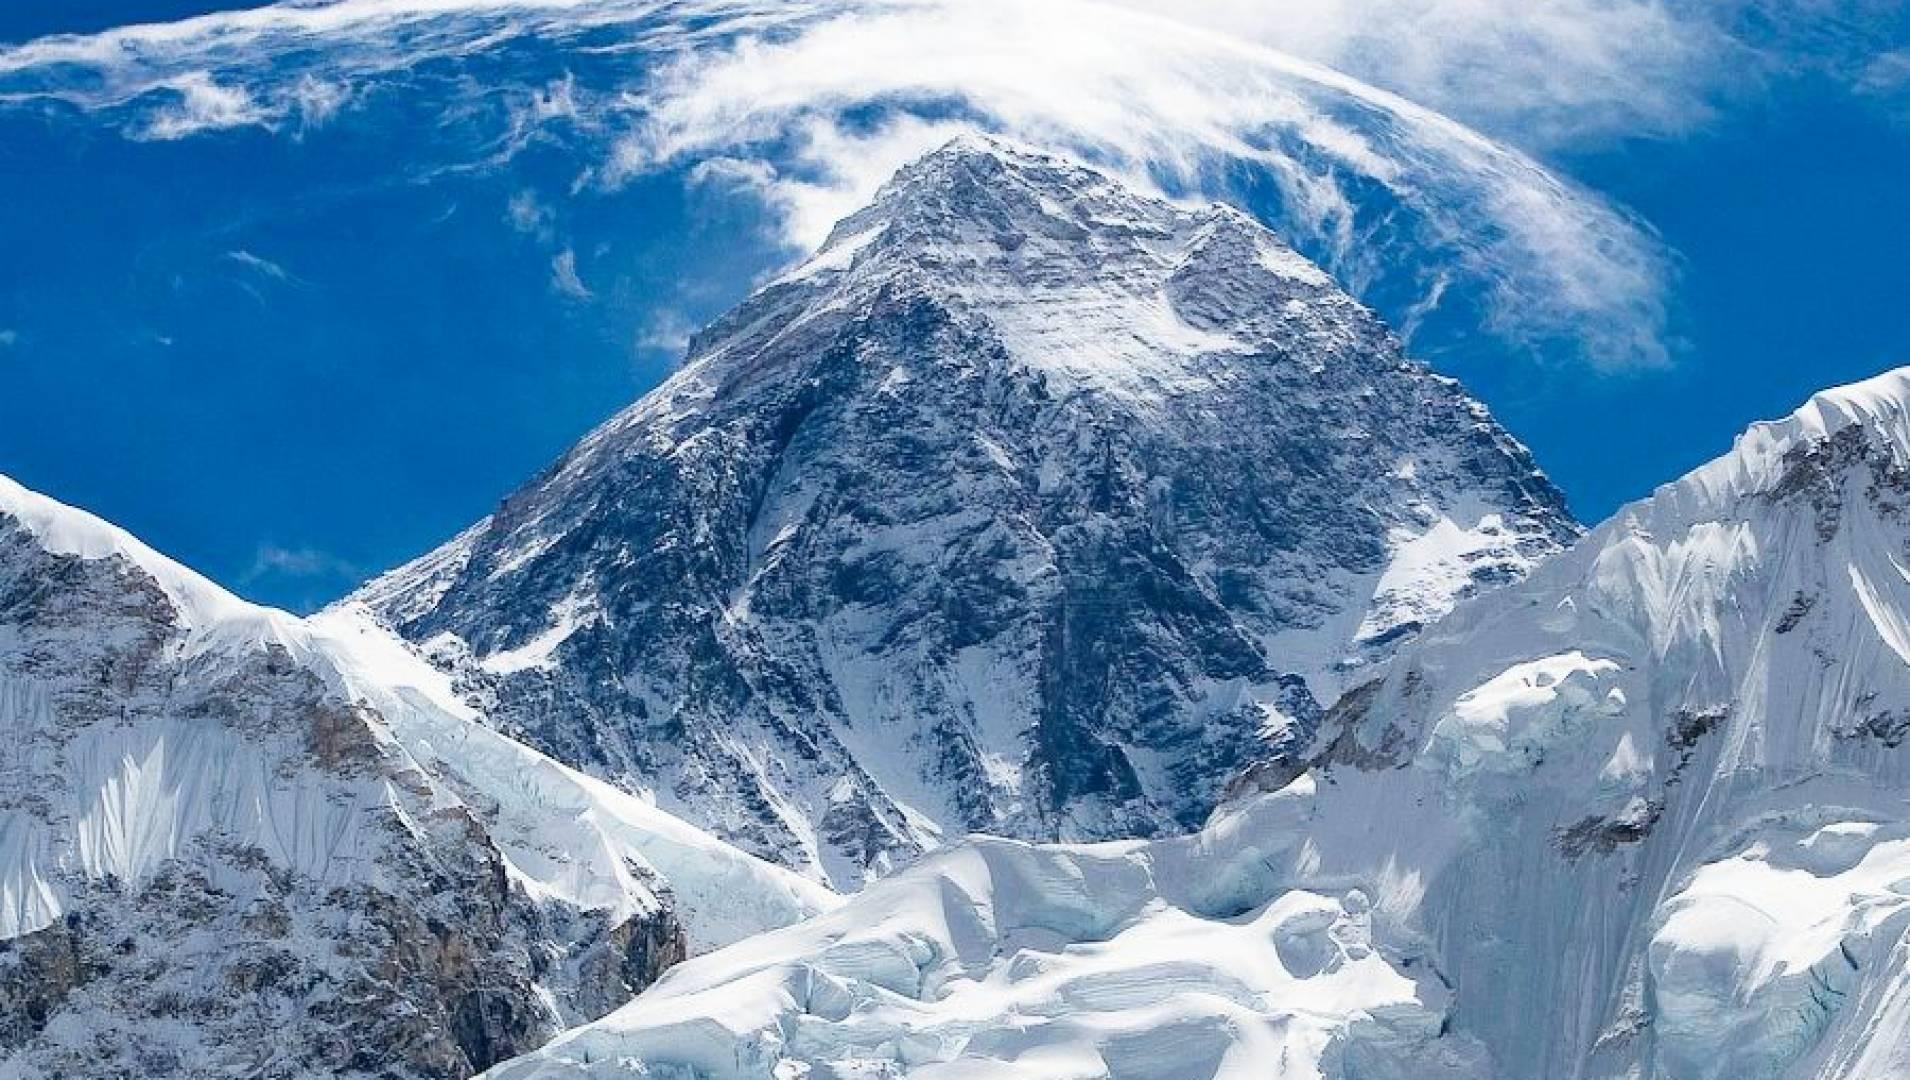 Ген высоты, или Как пройти на Эверест - Документальный фильм